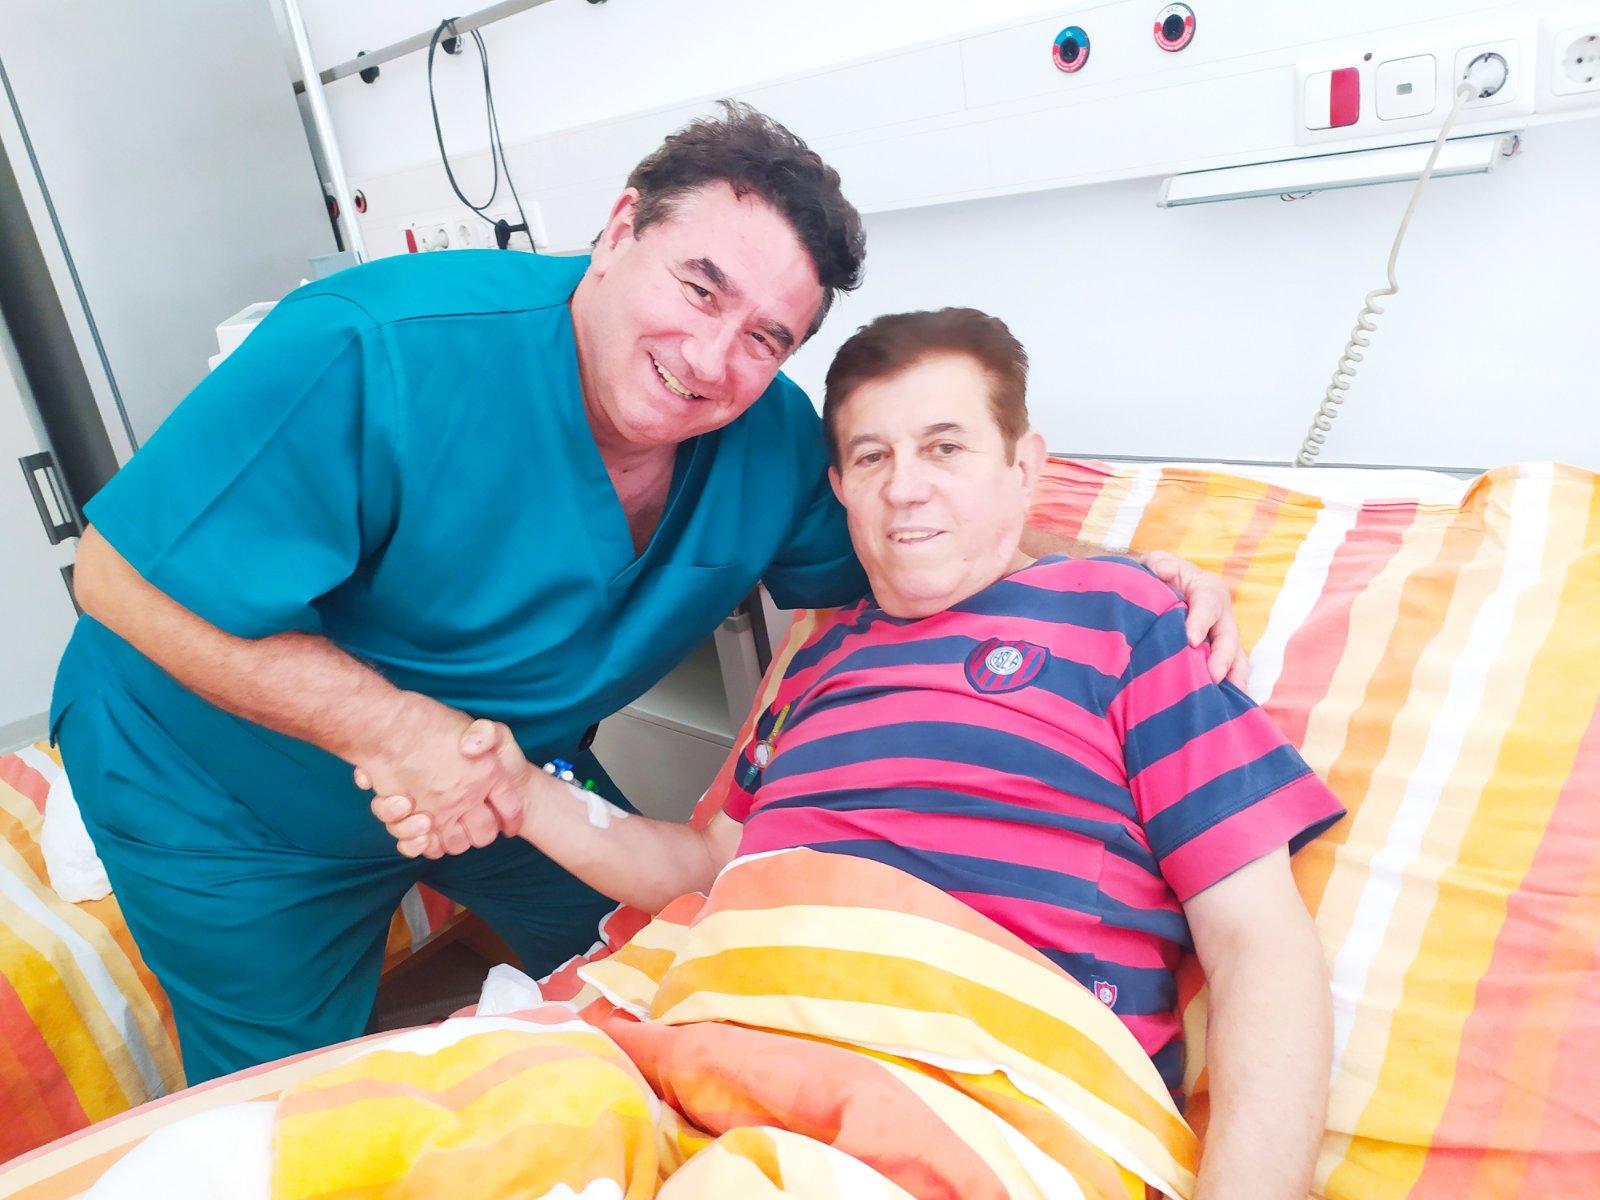 Мирчо Димитров: Лекарят на ФК Барселона ме насочи към д-р Христо Мазнейков